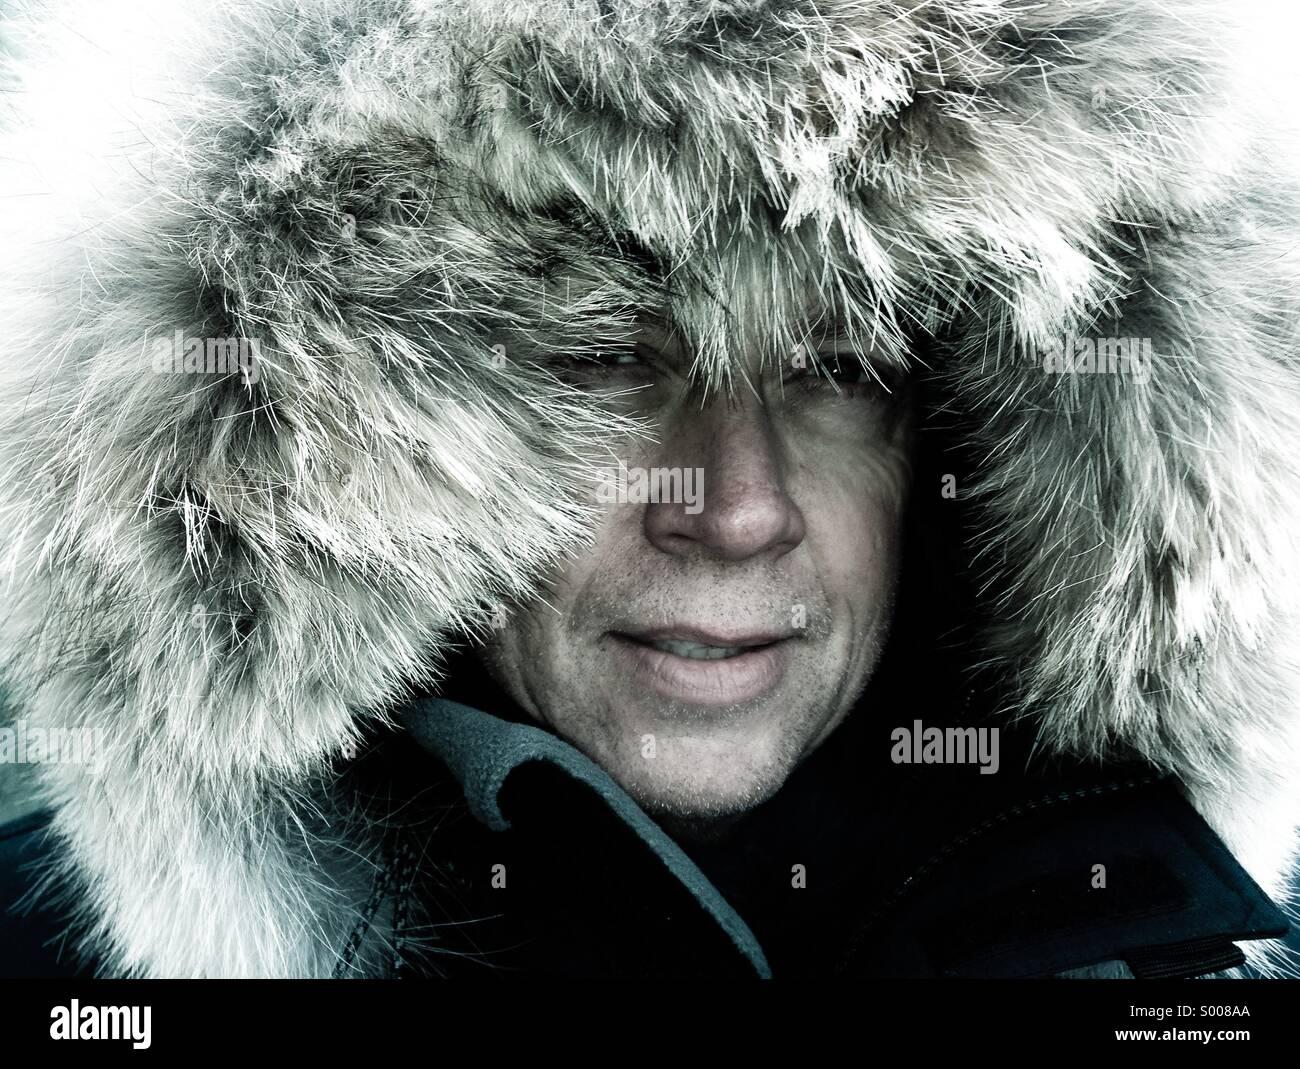 Polarforscher verspannt sich gegen die Wetterextreme. Stockbild